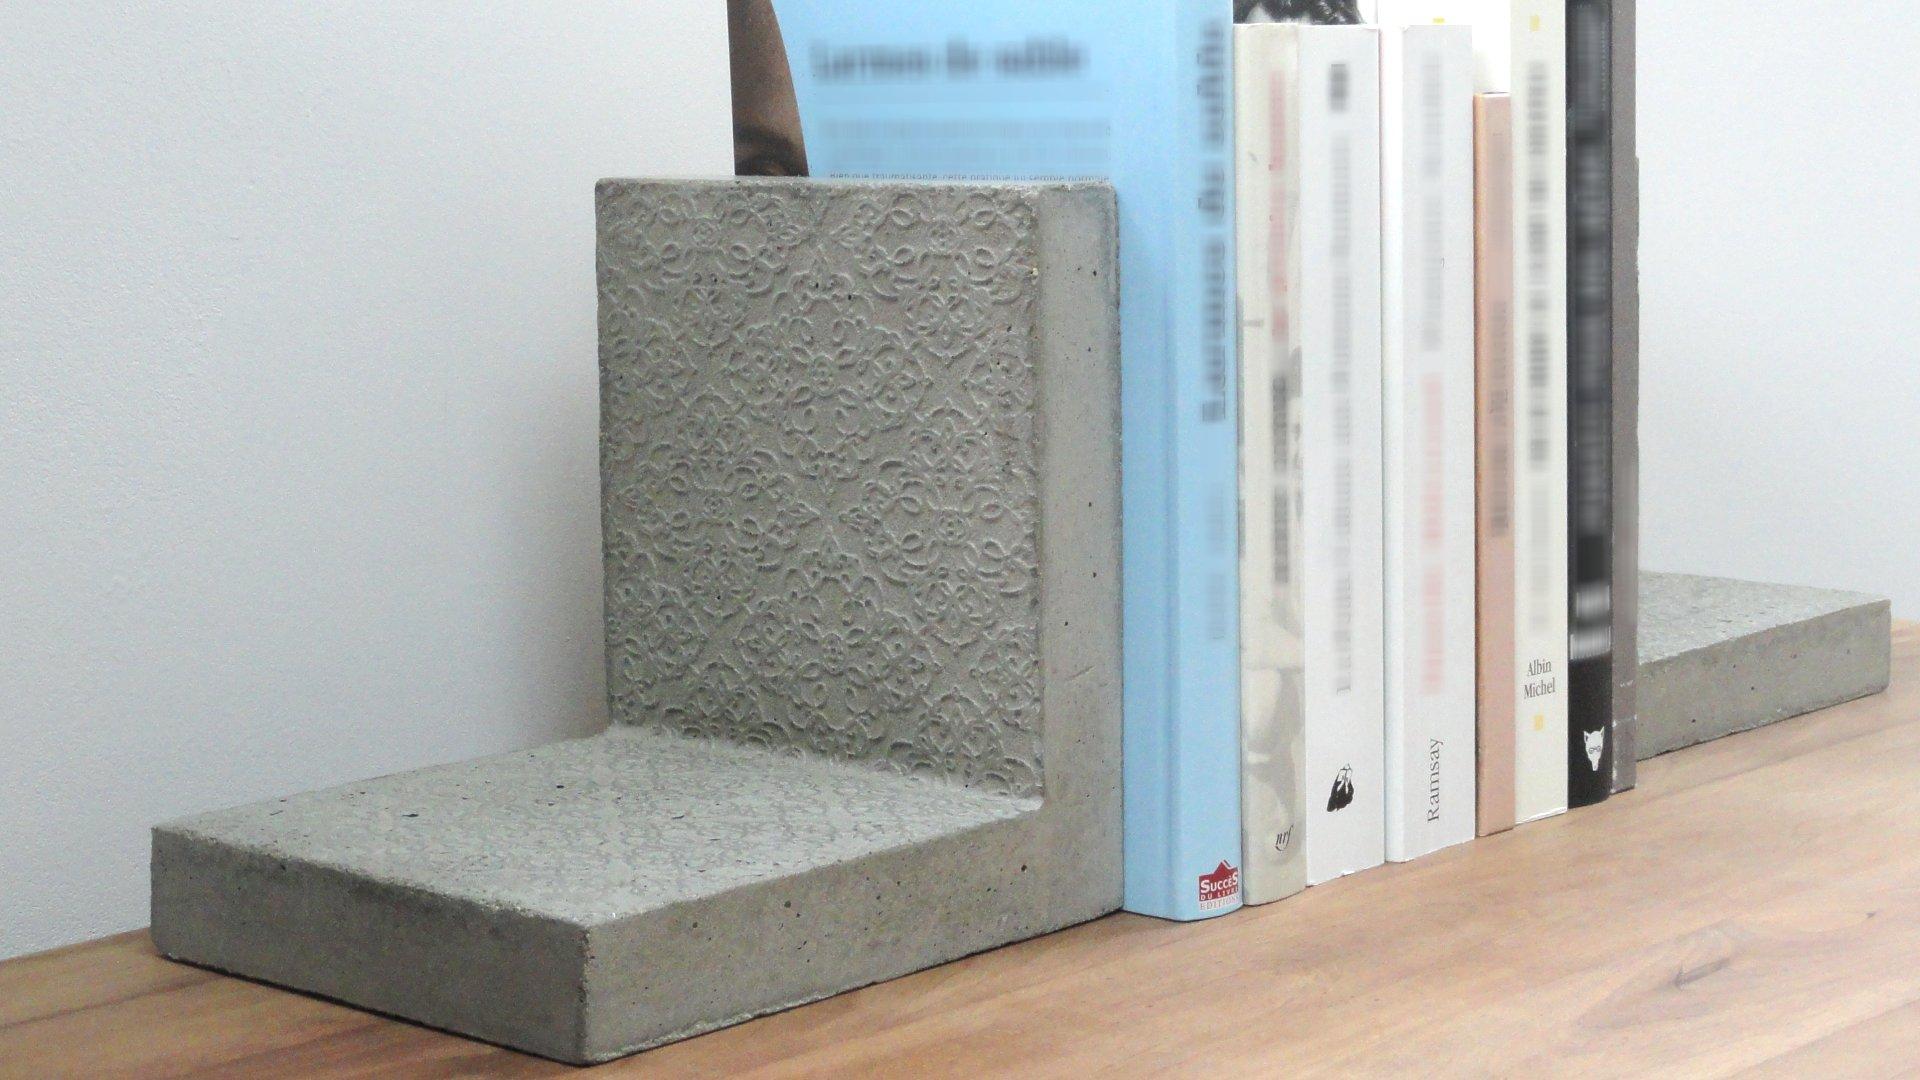 beton livr dikke houten balken. Black Bedroom Furniture Sets. Home Design Ideas